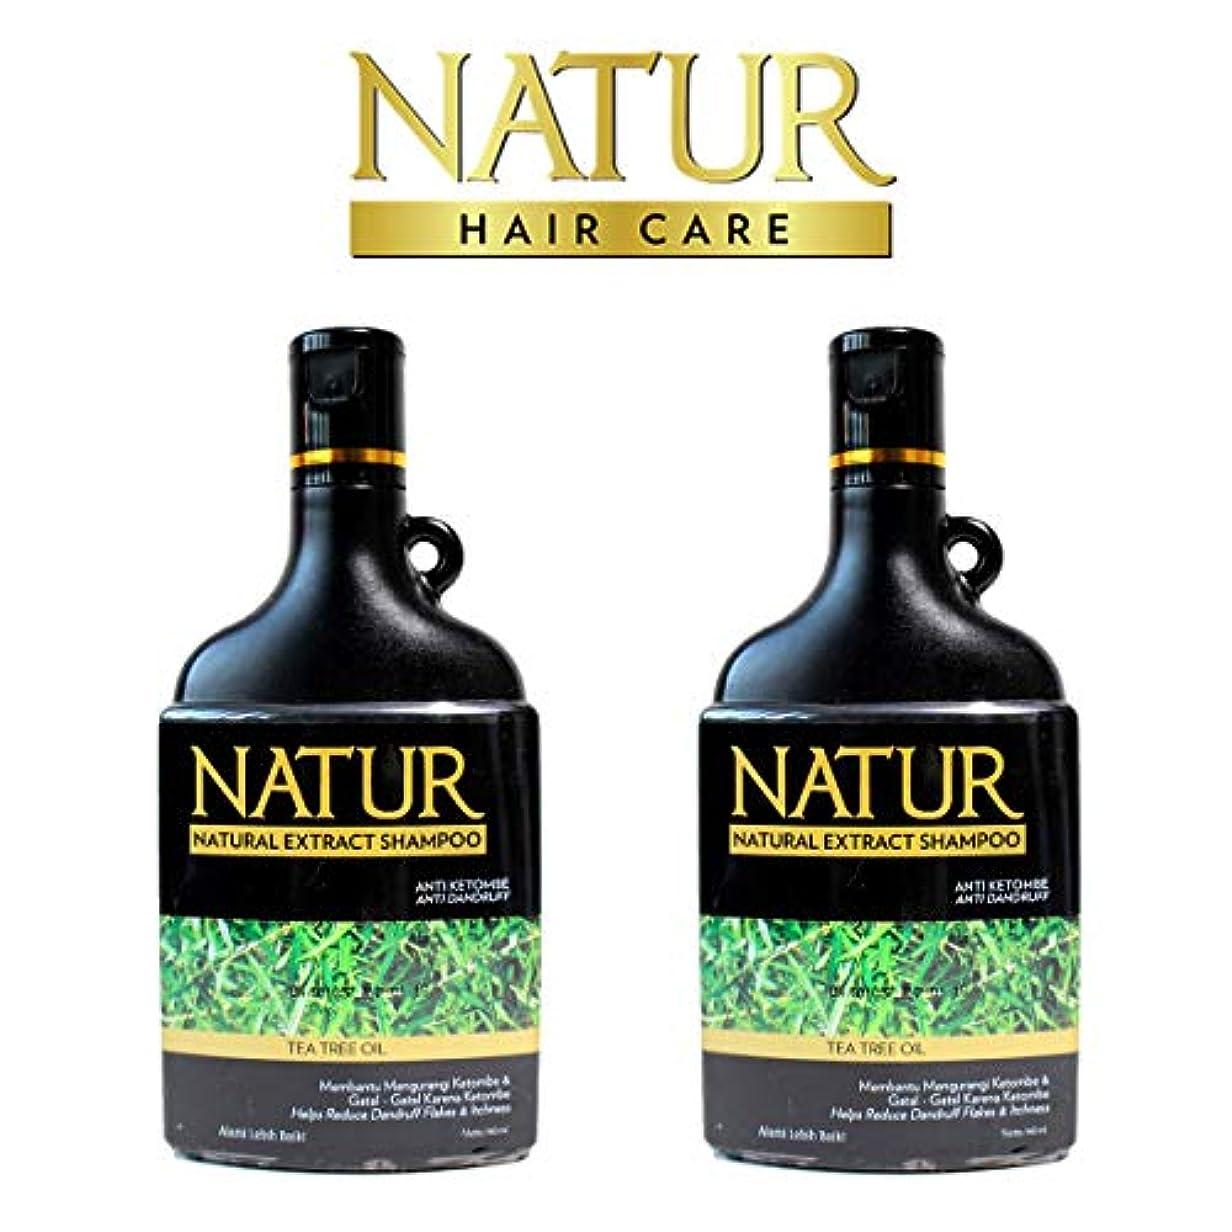 増強する振る合成NATUR ナトゥール 天然植物エキス配合 ハーバルシャンプー 140ml×2個セット Tea tree oil ティートゥリーオイル [海外直商品]